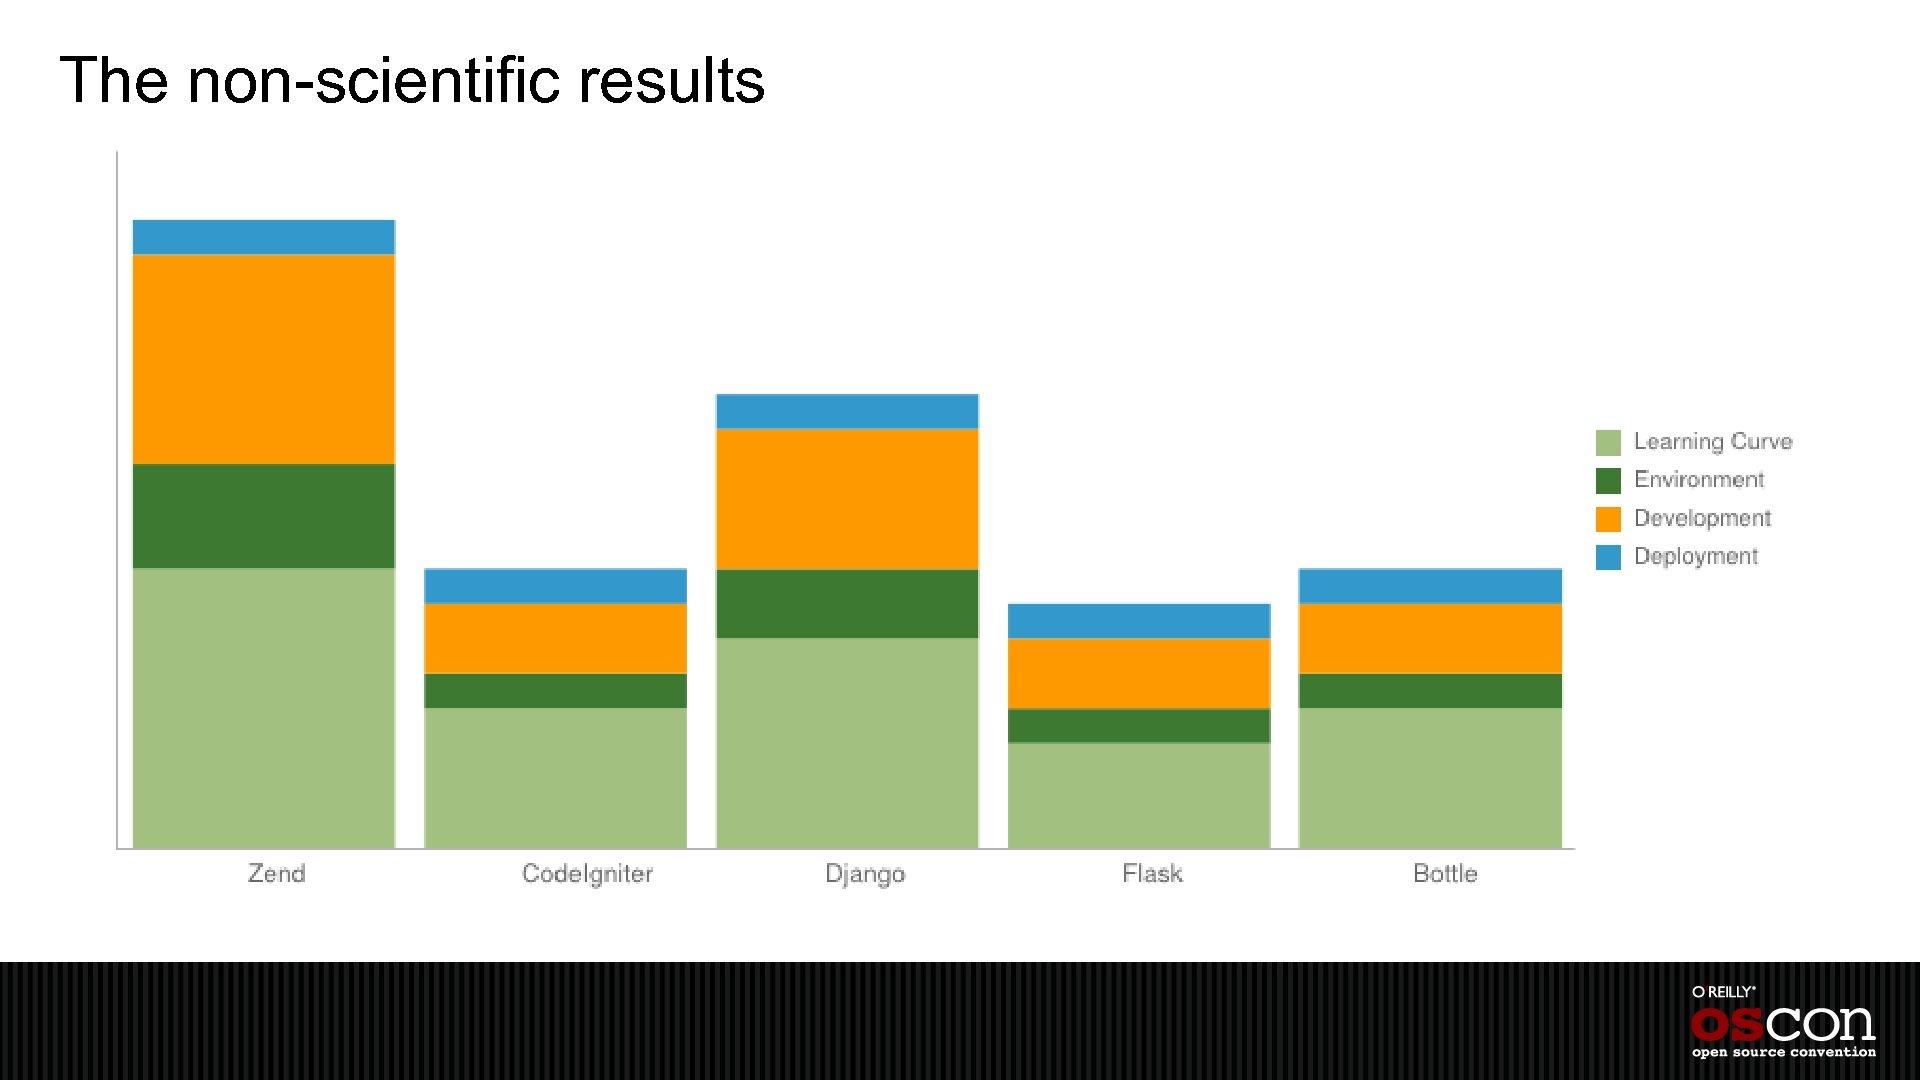 The non-scientific results